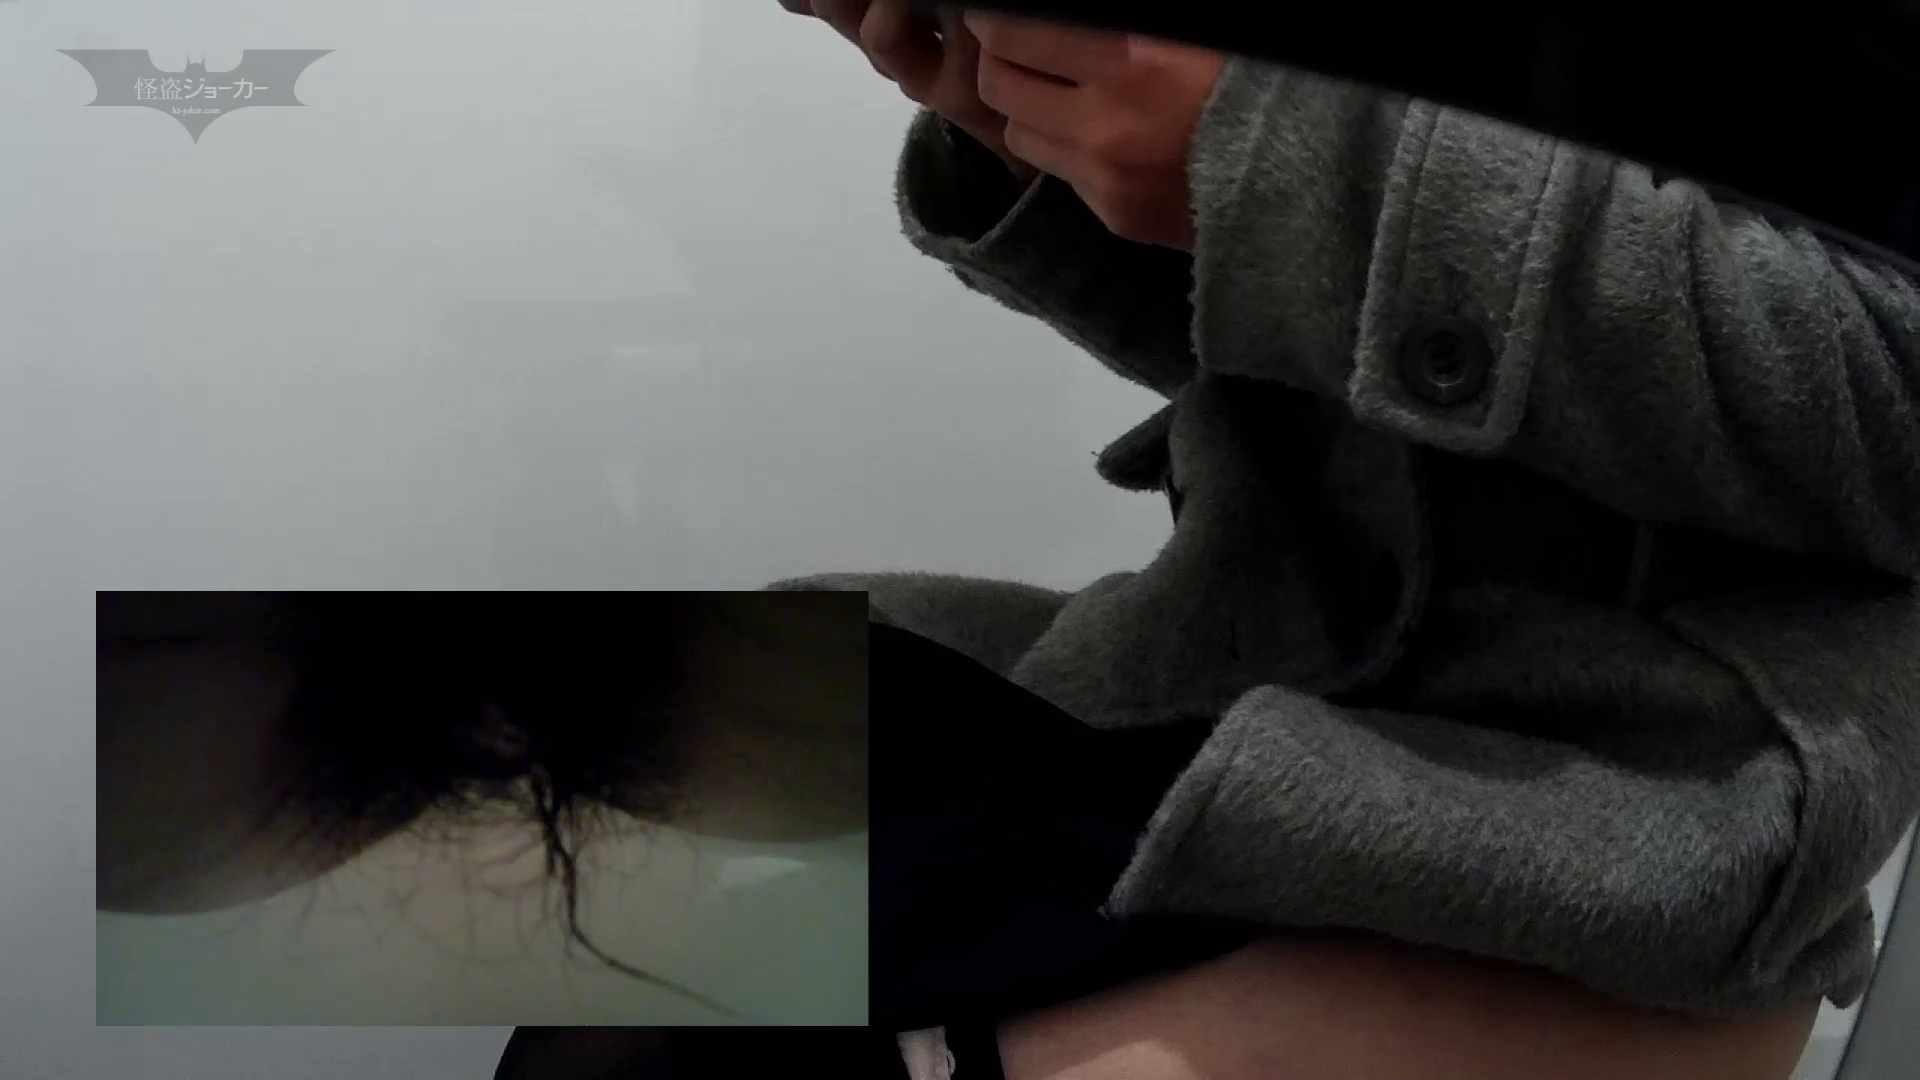 有名大学女性洗面所 vol.58 アンダーヘアーも冬支度? 和式で・・・ セックス無修正動画無料 111画像 98